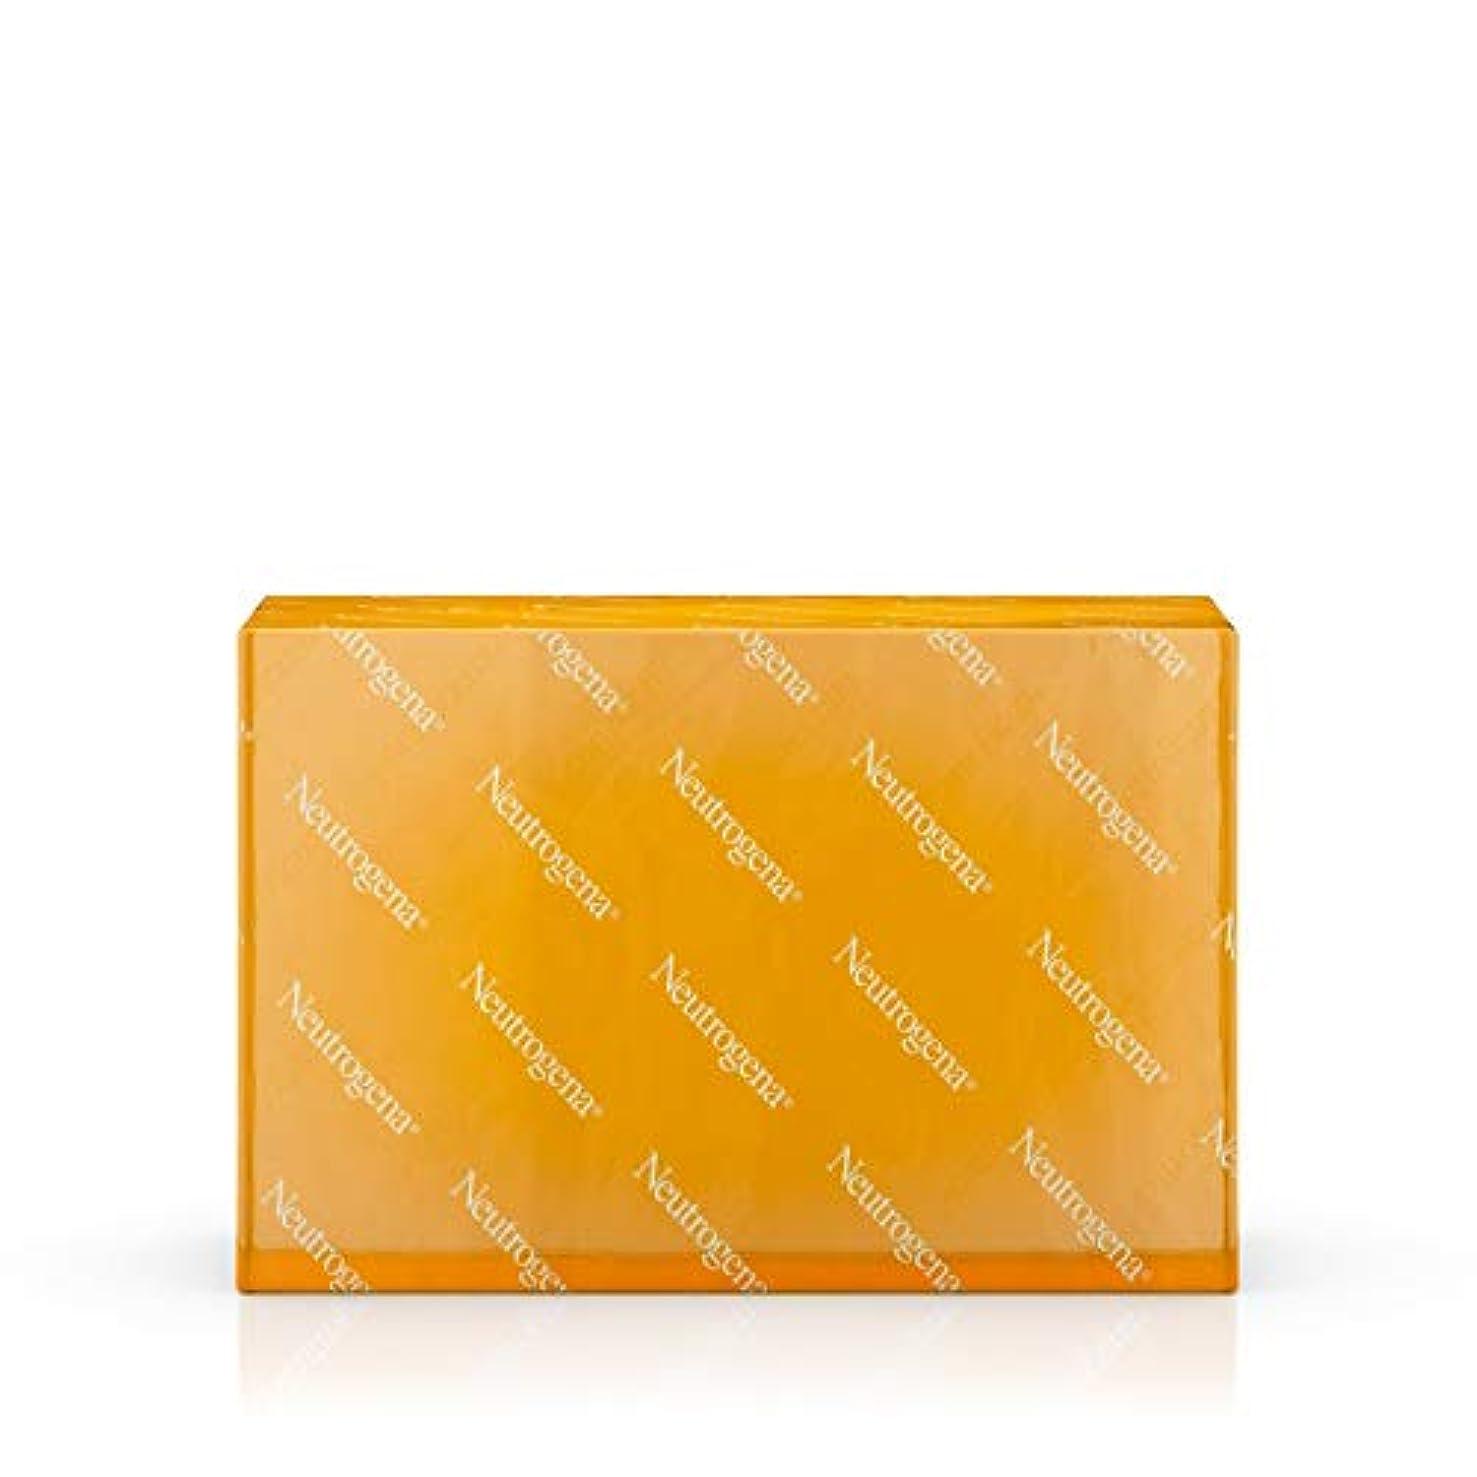 いいね顔料免除する海外直送品 Neutrogena Neutrogena Transparent Facial Bar Soap Fragrance Free, Fragrance Free 3.5 oz